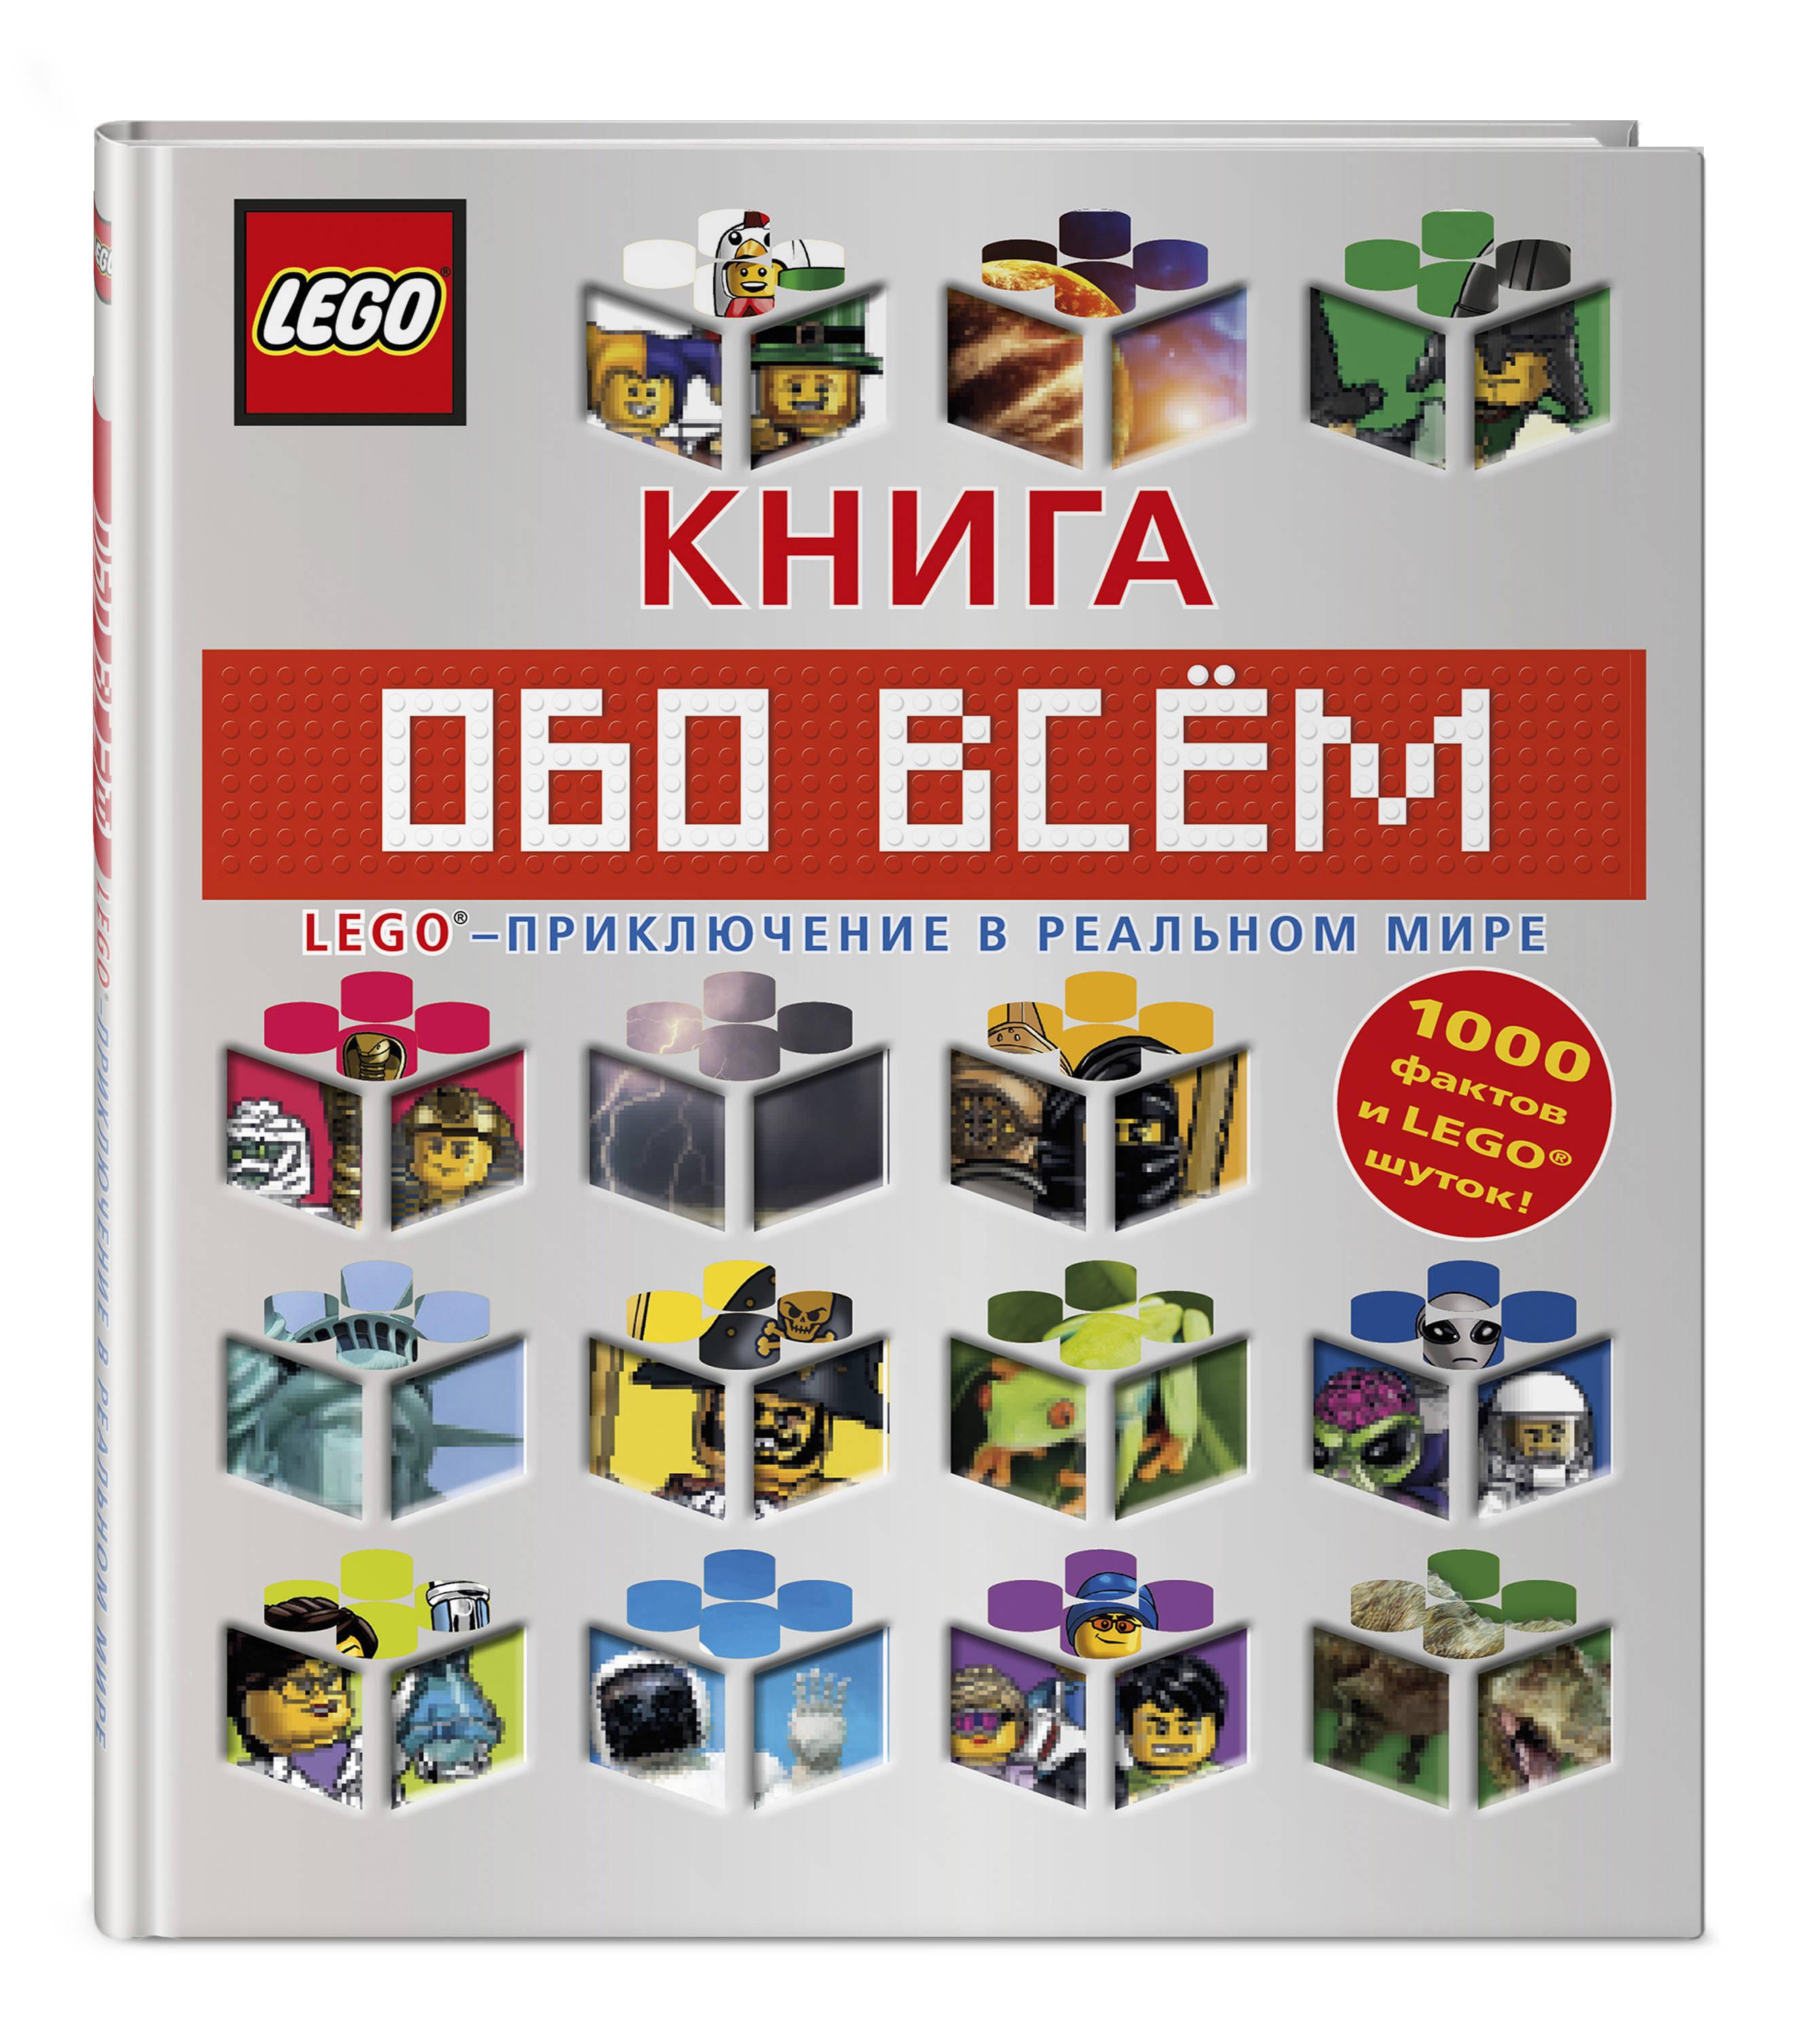 LEGO Книга обо всем книга lego lego 978 5 699 78042 6 книга поймай шпиона с мини набором